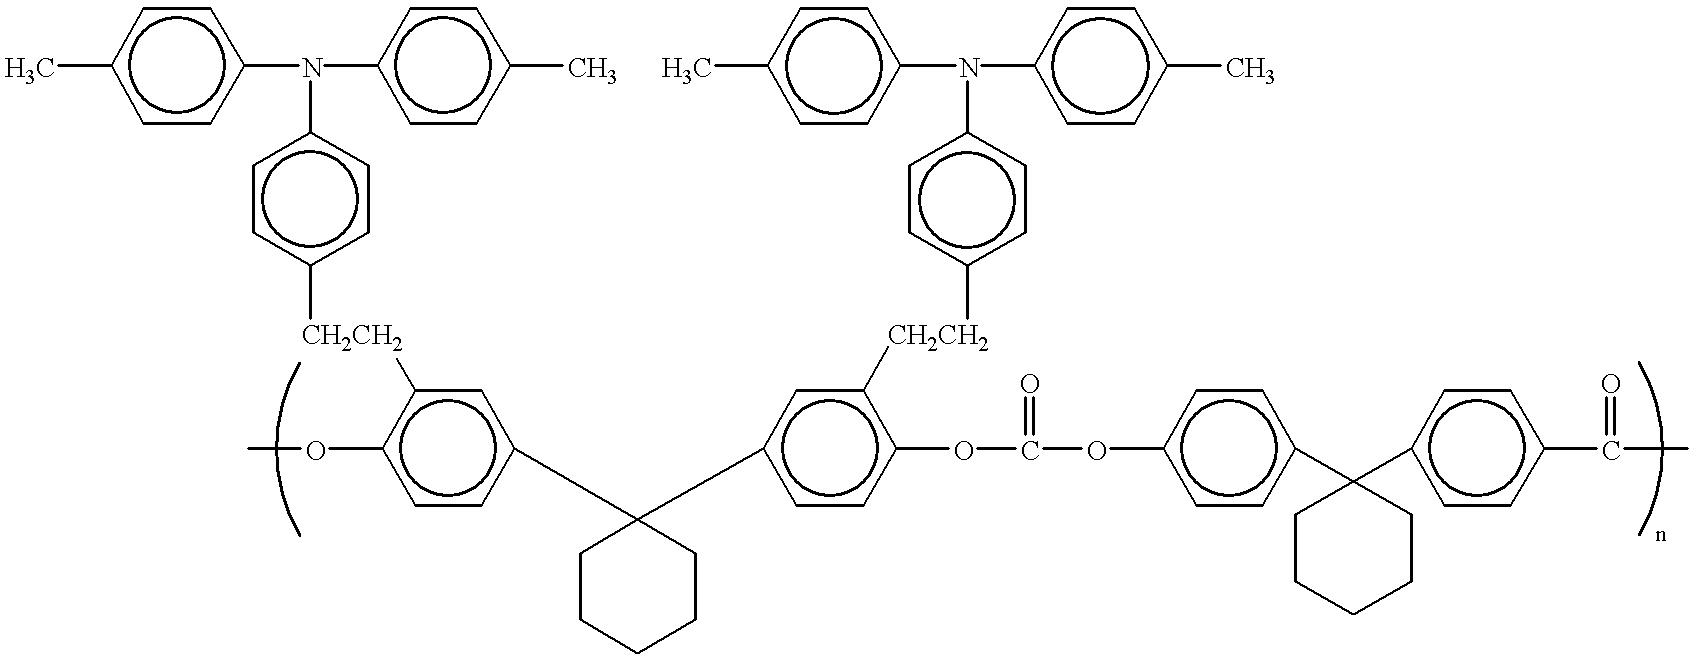 Figure US06558863-20030506-C00060